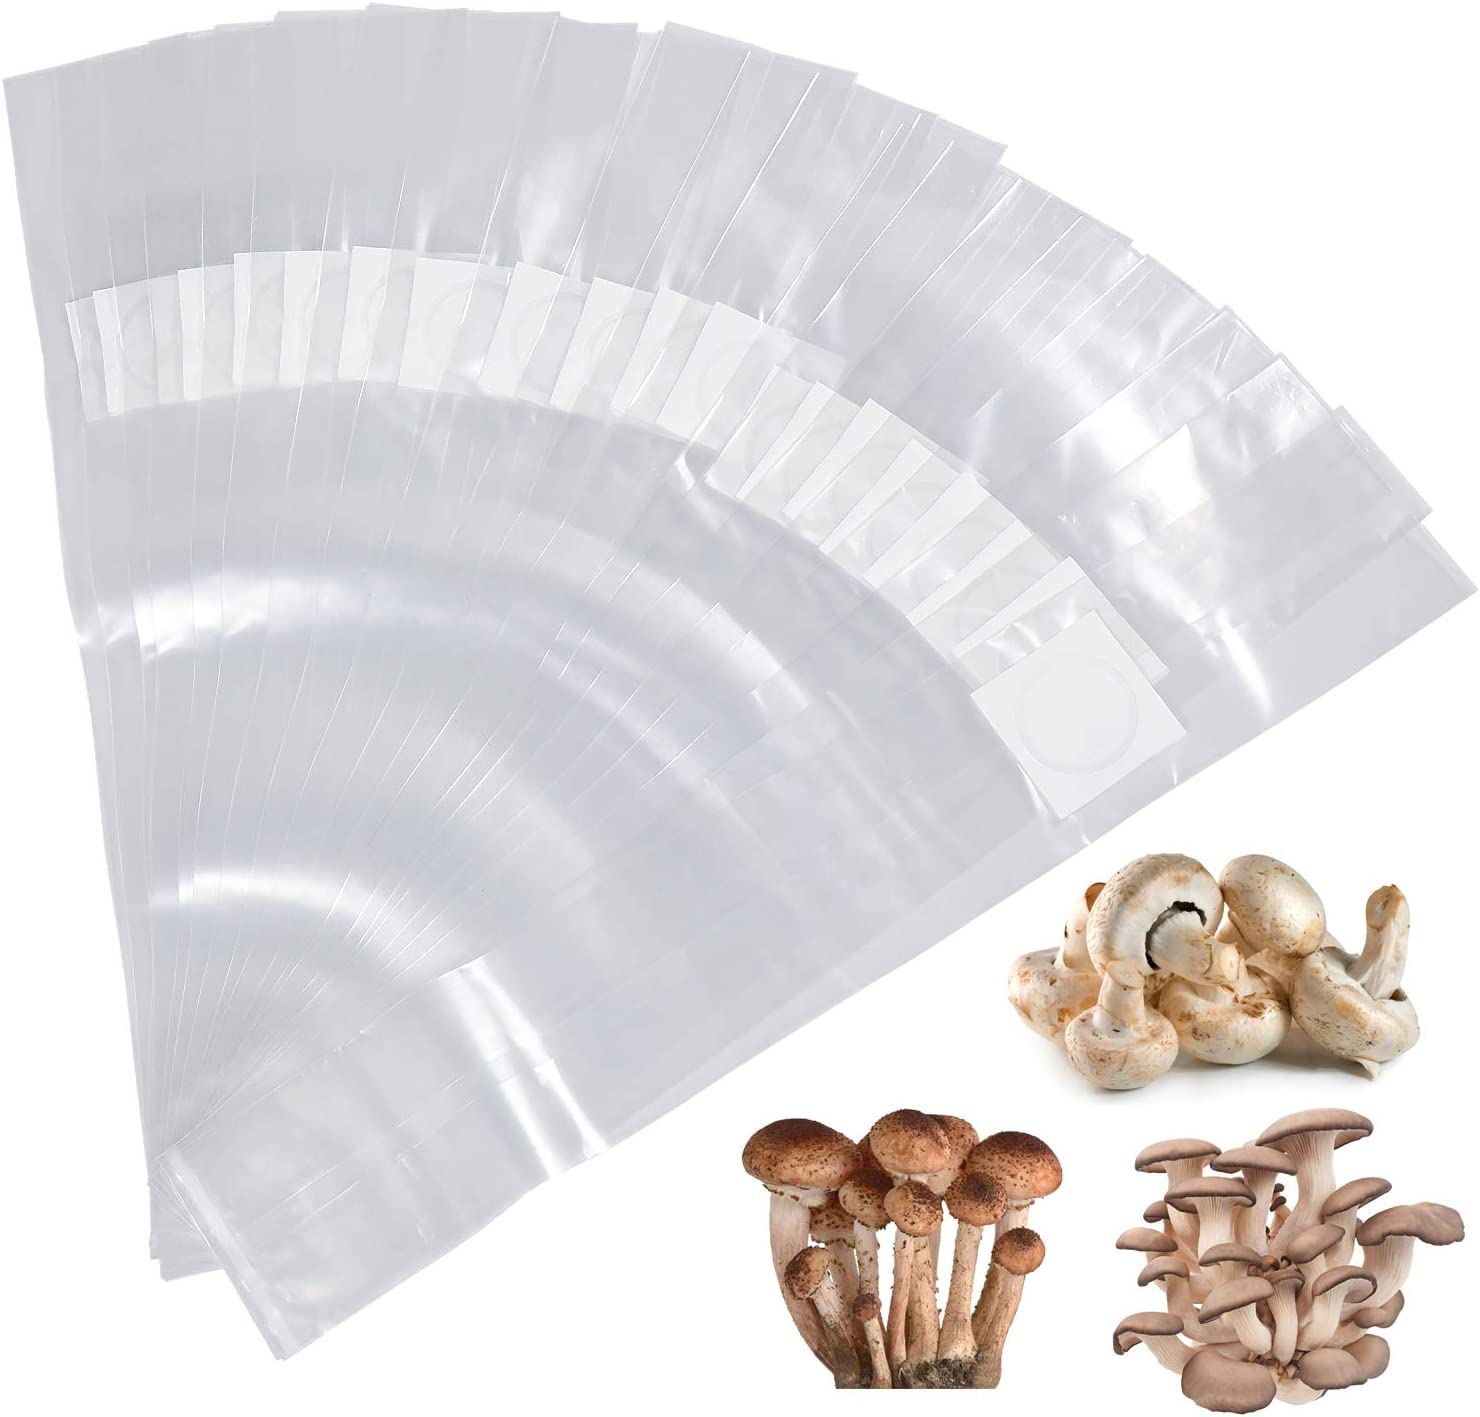 Yotako - Bolsas de cultivo de setas, 20 unidades, filtro de 0,2 micras, bolsa de cultivo de polipropileno, tamaño 15,2 x 12,7 x 50,8 cm para cultivo de setas